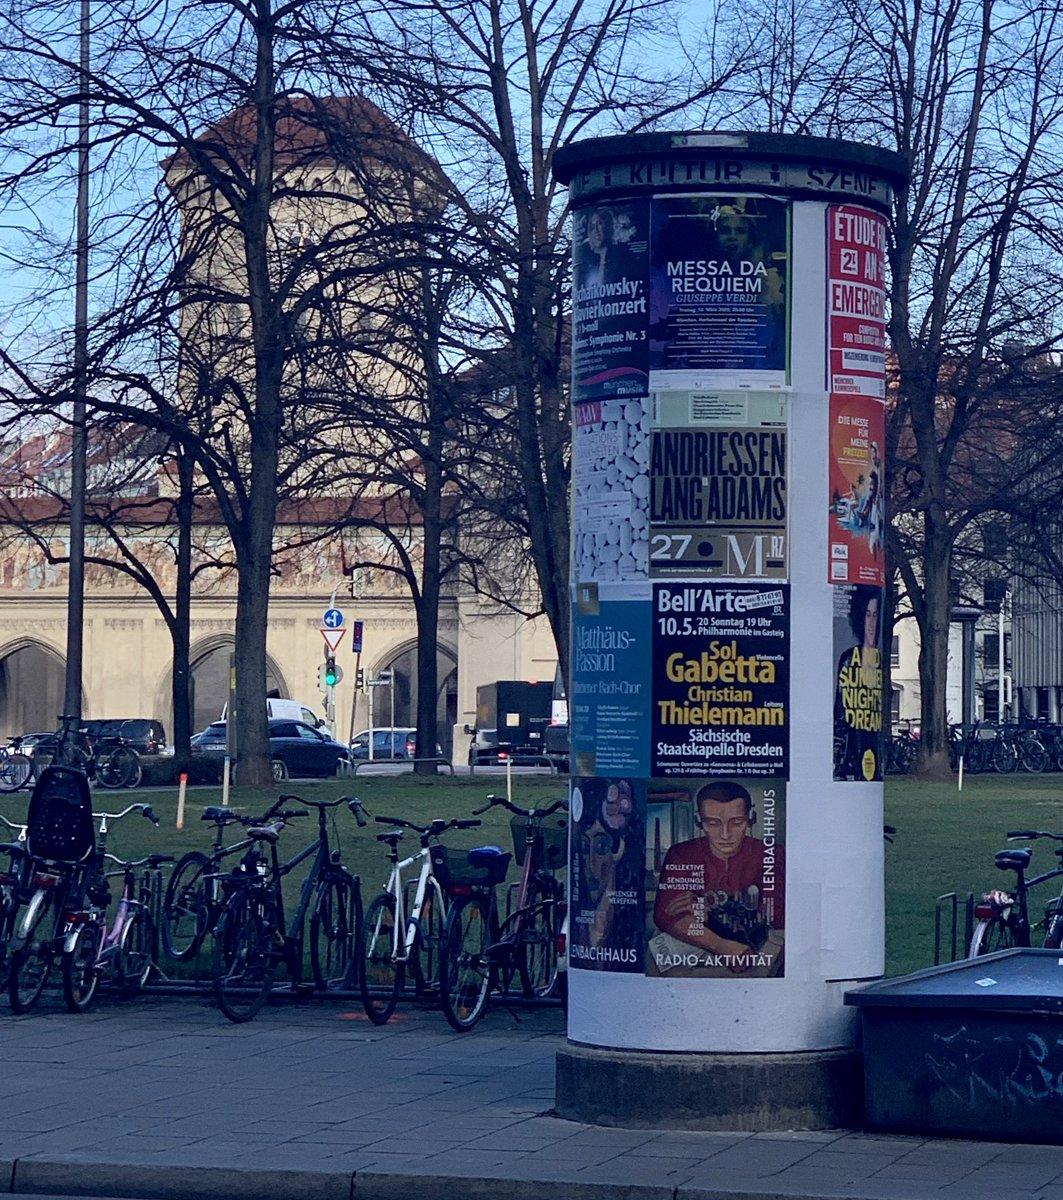 Auf dem Weg zum @Fraunhofer Symposium #Netzwert. Gerade entdeckt, dass die @StaatskapelleDD im Mai auch in München unterwegs sein wird - sehr schön! #sogehtsächsisch pic.twitter.com/3j2iqOlP8T